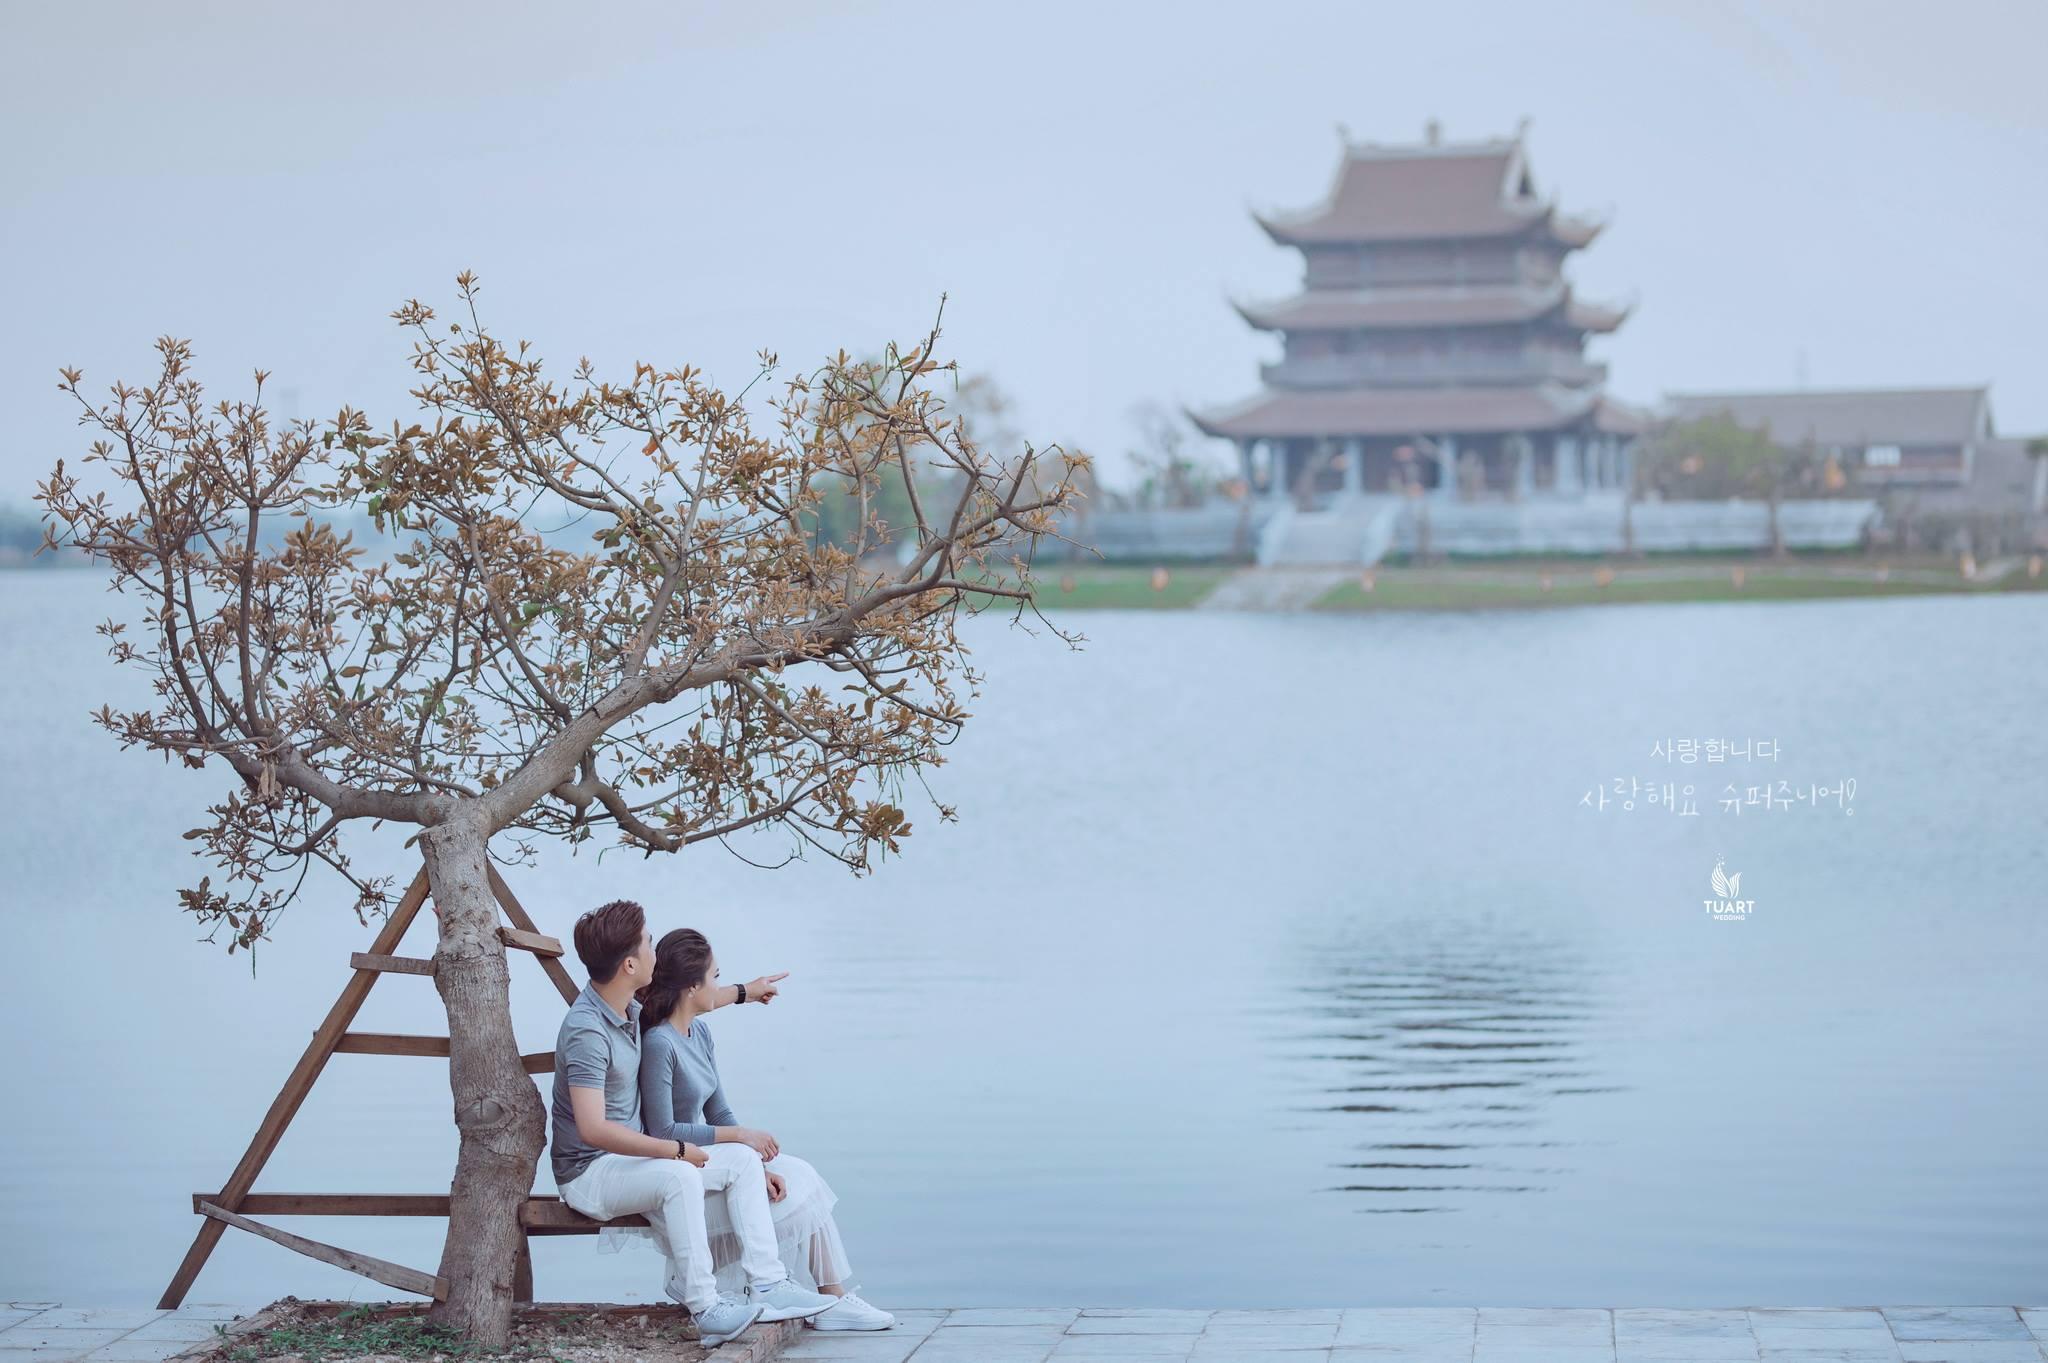 Album tại Ninh Bình- Album ảnh cưới đẹp tại Ninh Bình – Bức tranh tình yêu